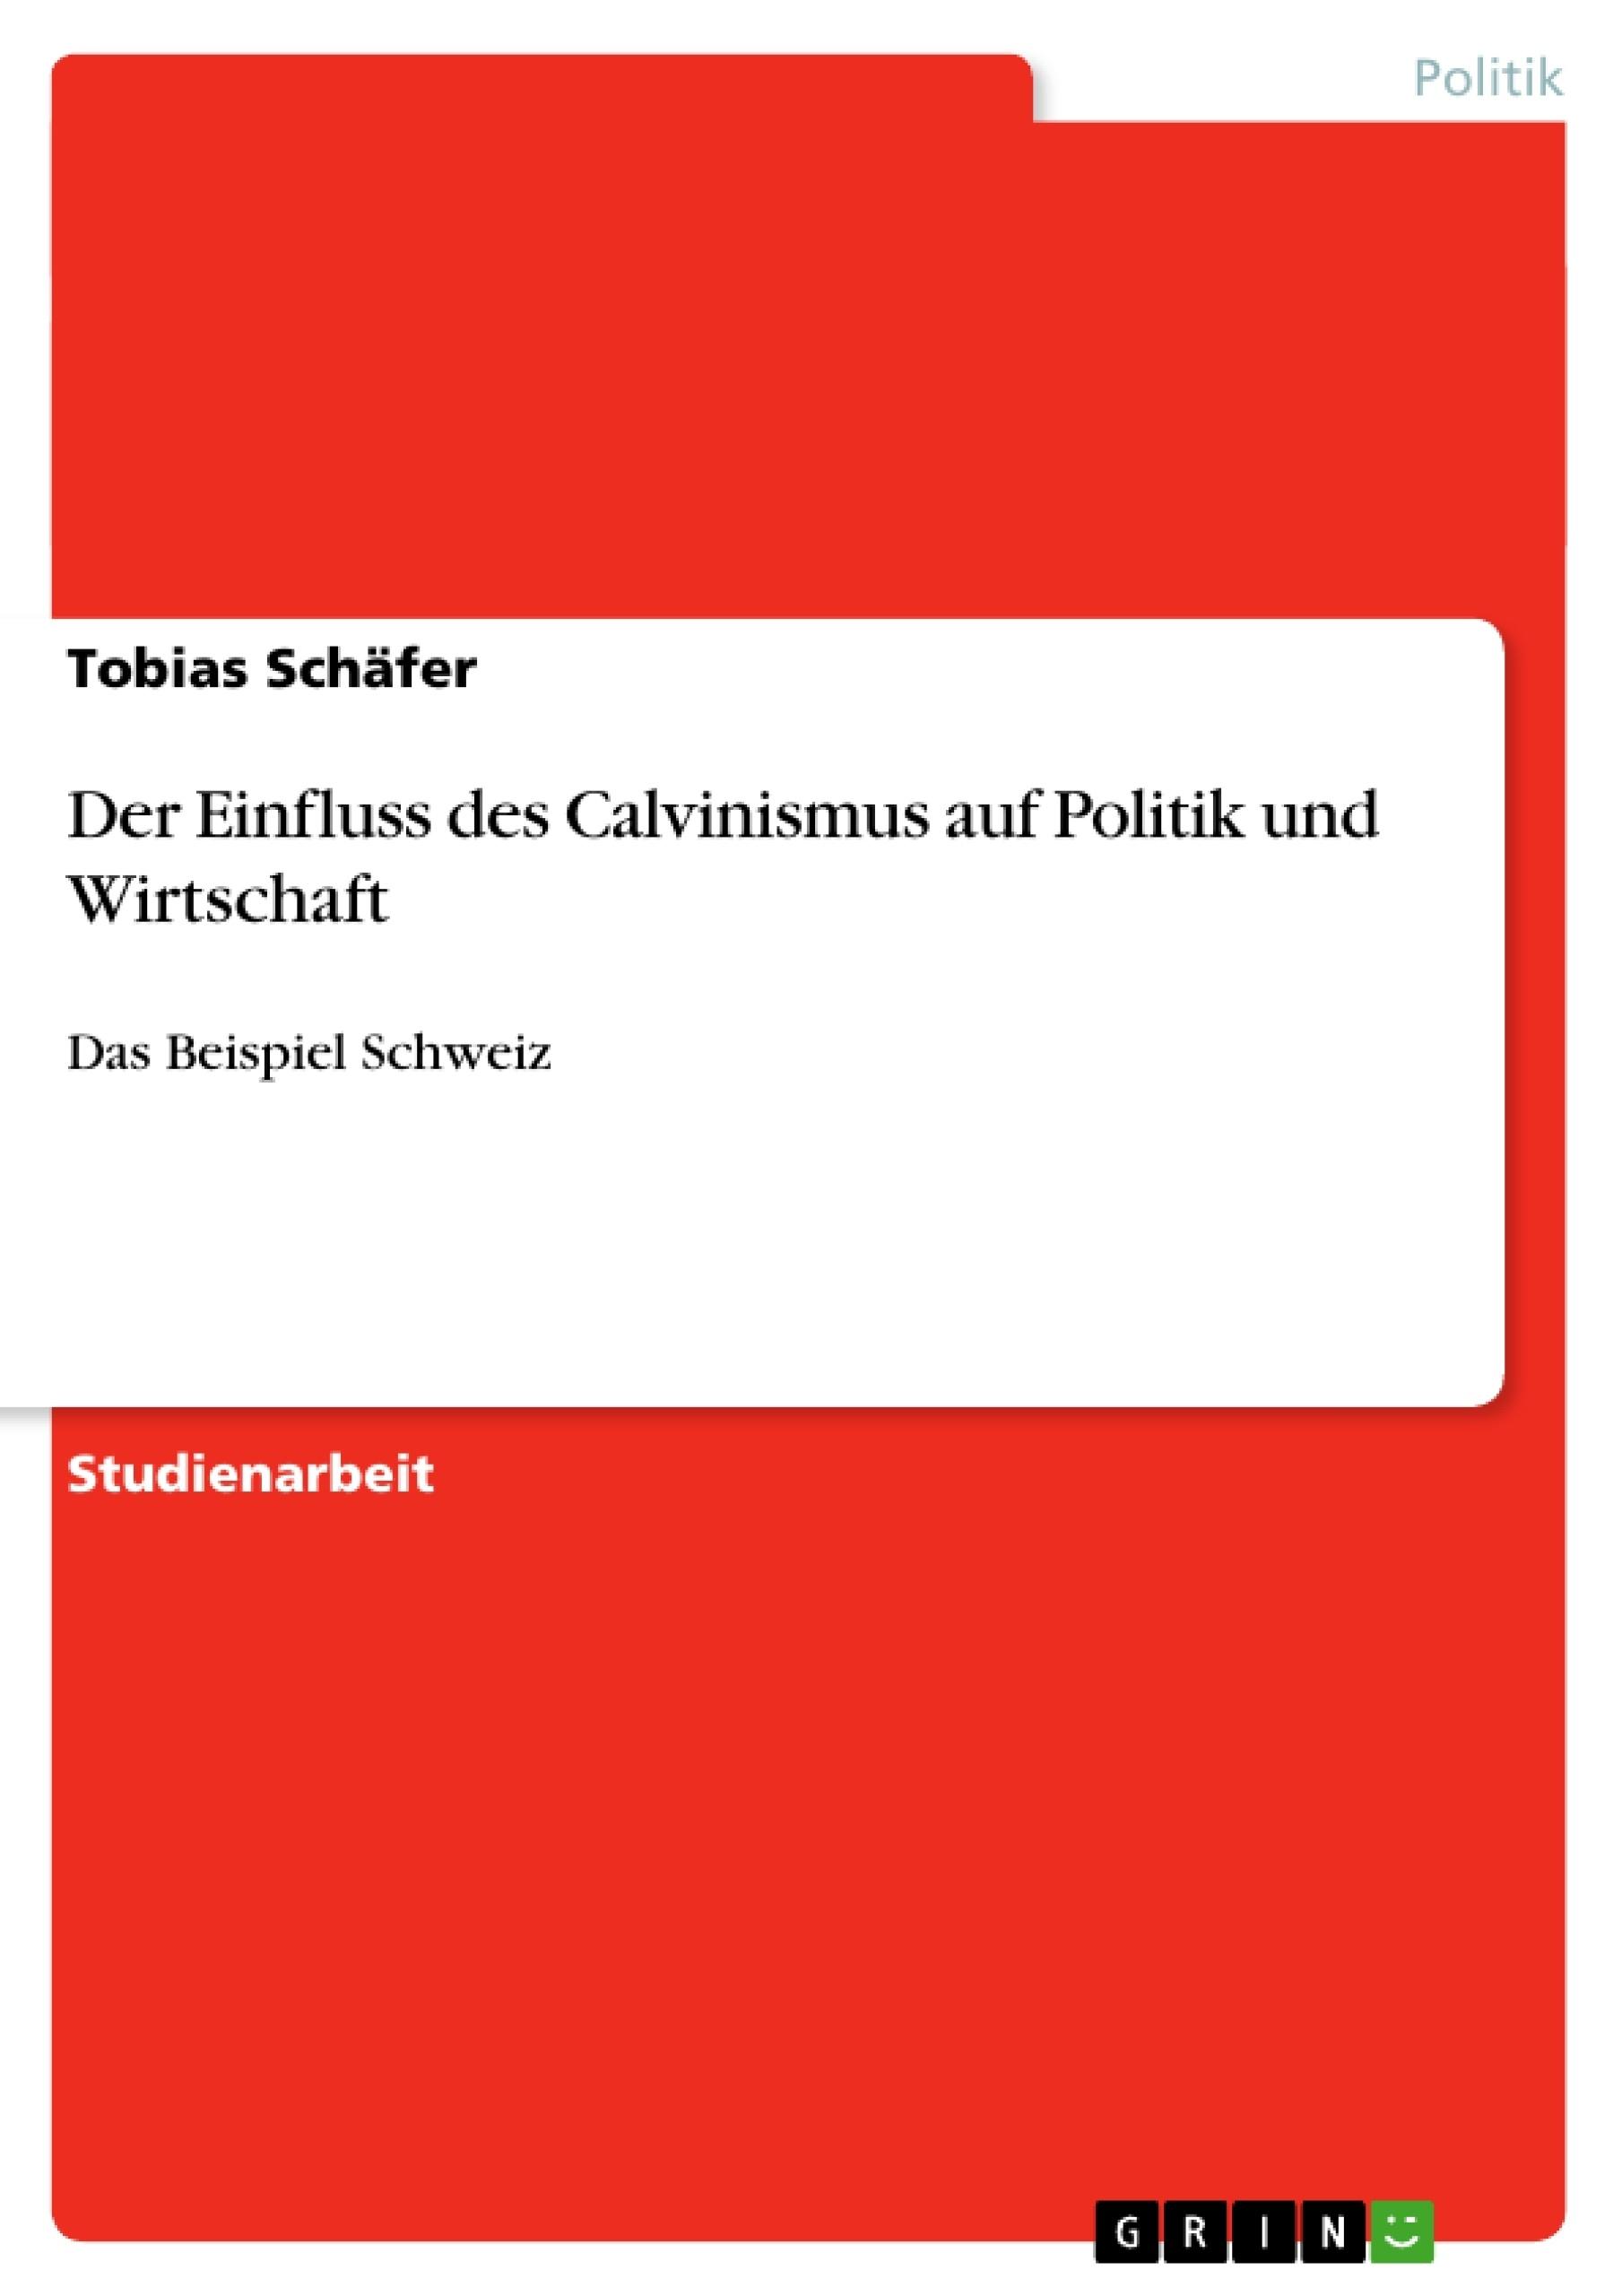 Titel: Der Einfluss des Calvinismus auf Politik und Wirtschaft